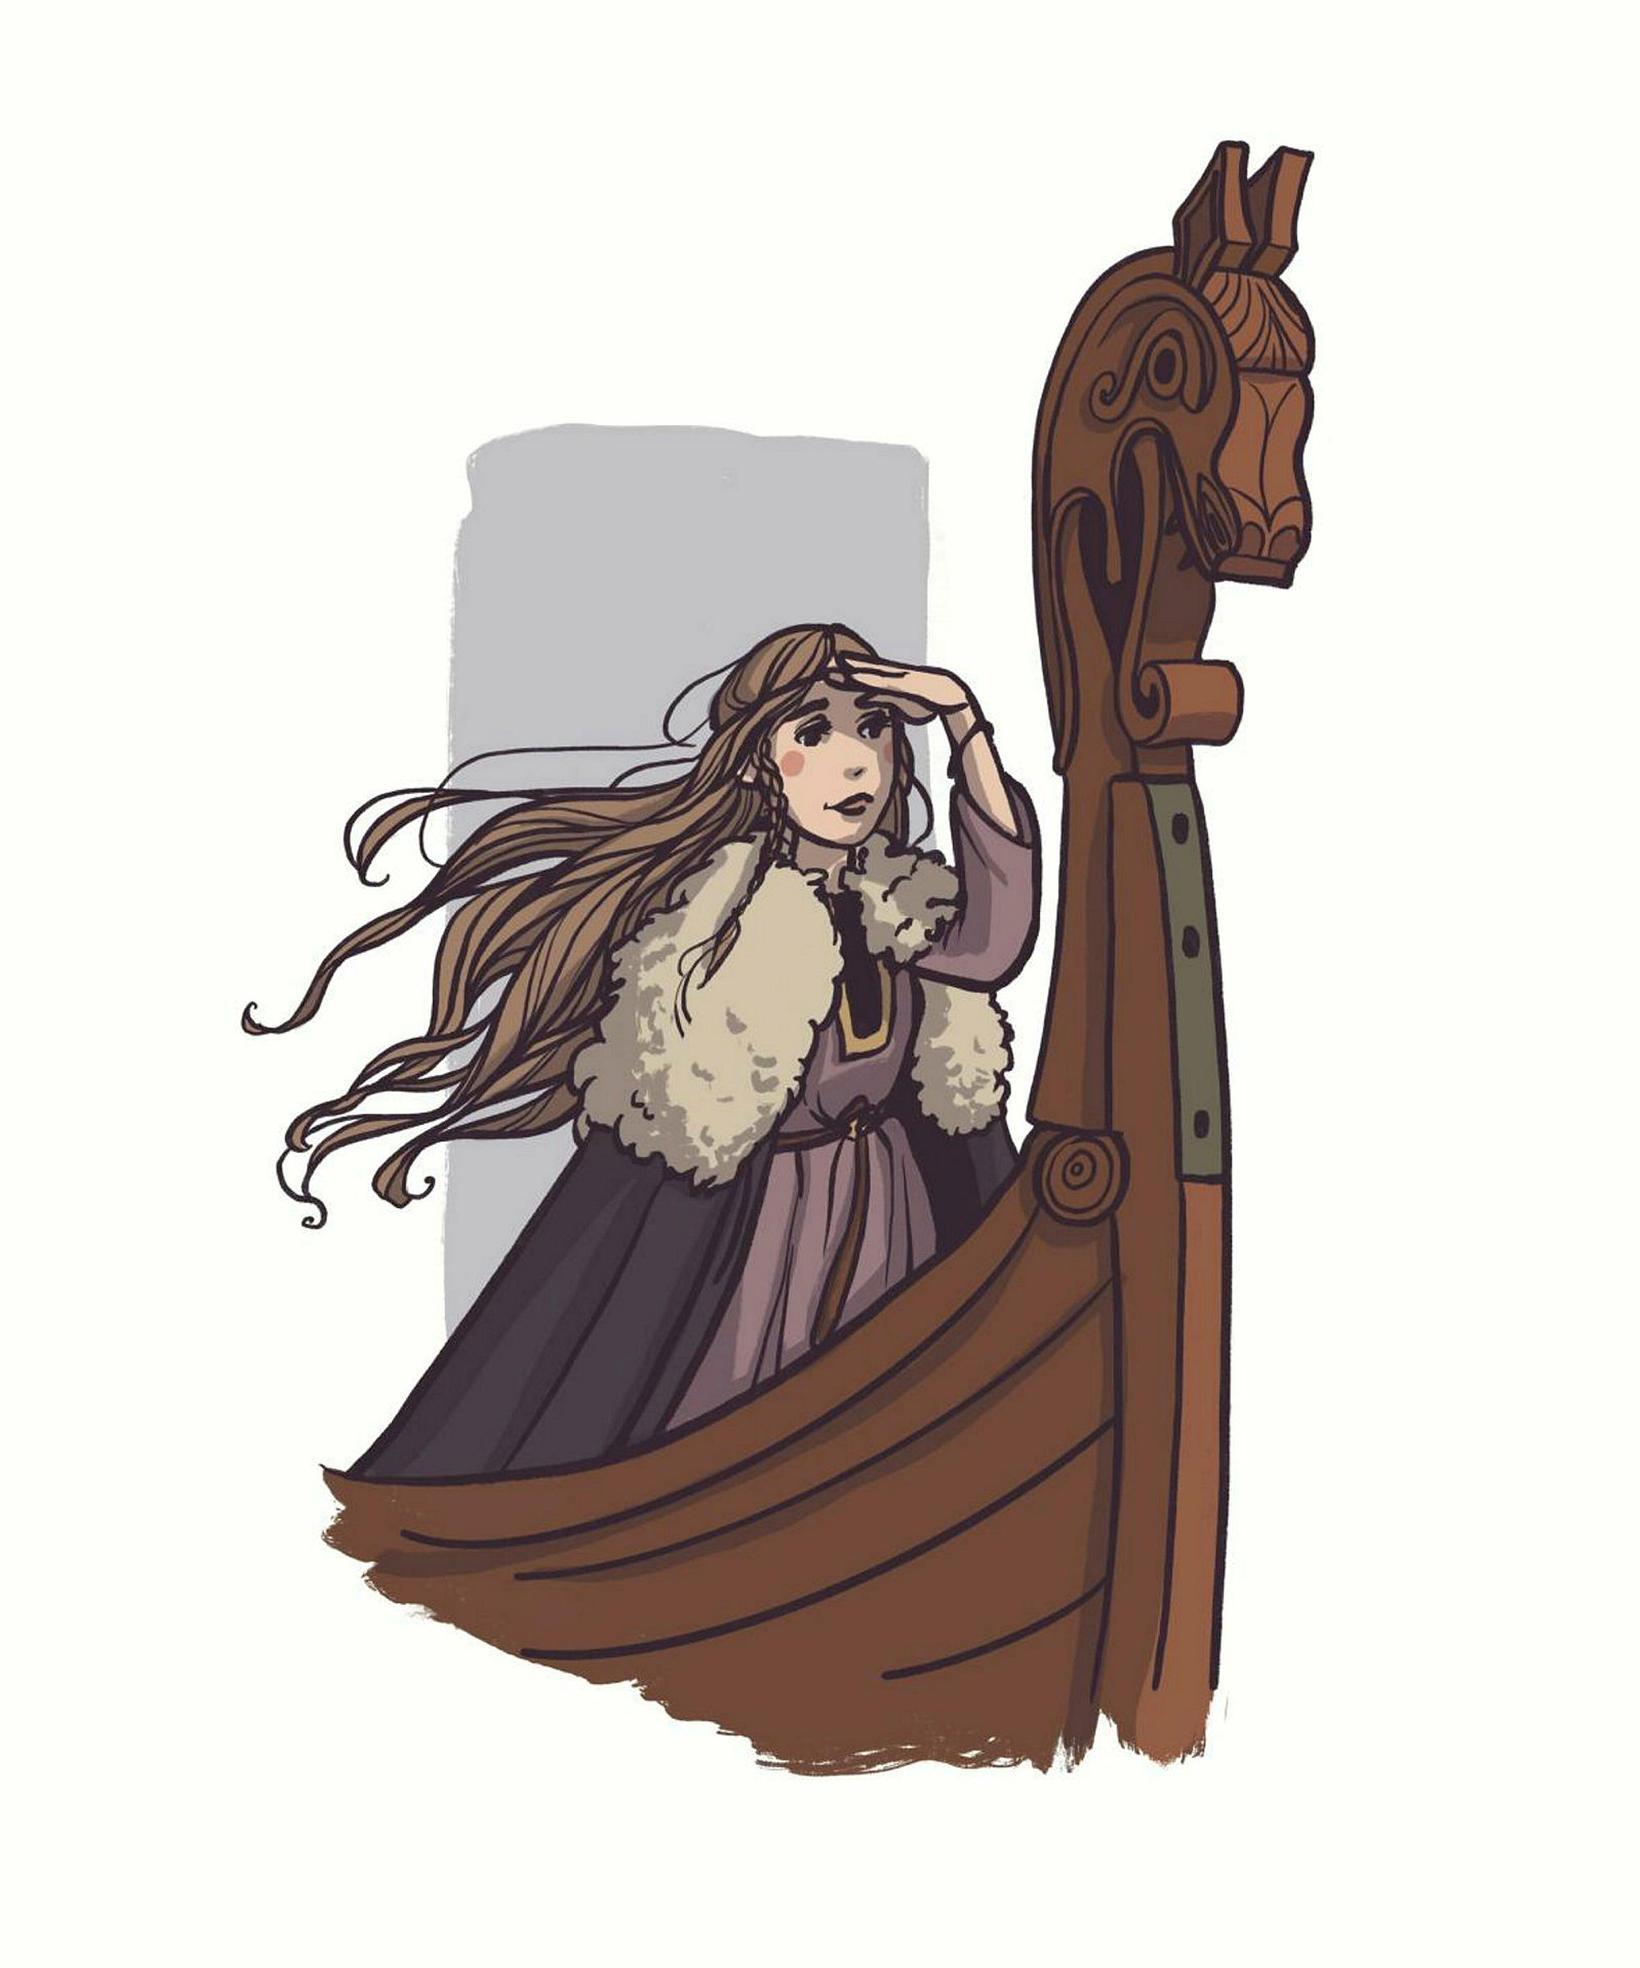 Guðríður Þorbjarnardóttir séð með augum Auðar Ýrar Elísabetardóttur myndhöfundar.